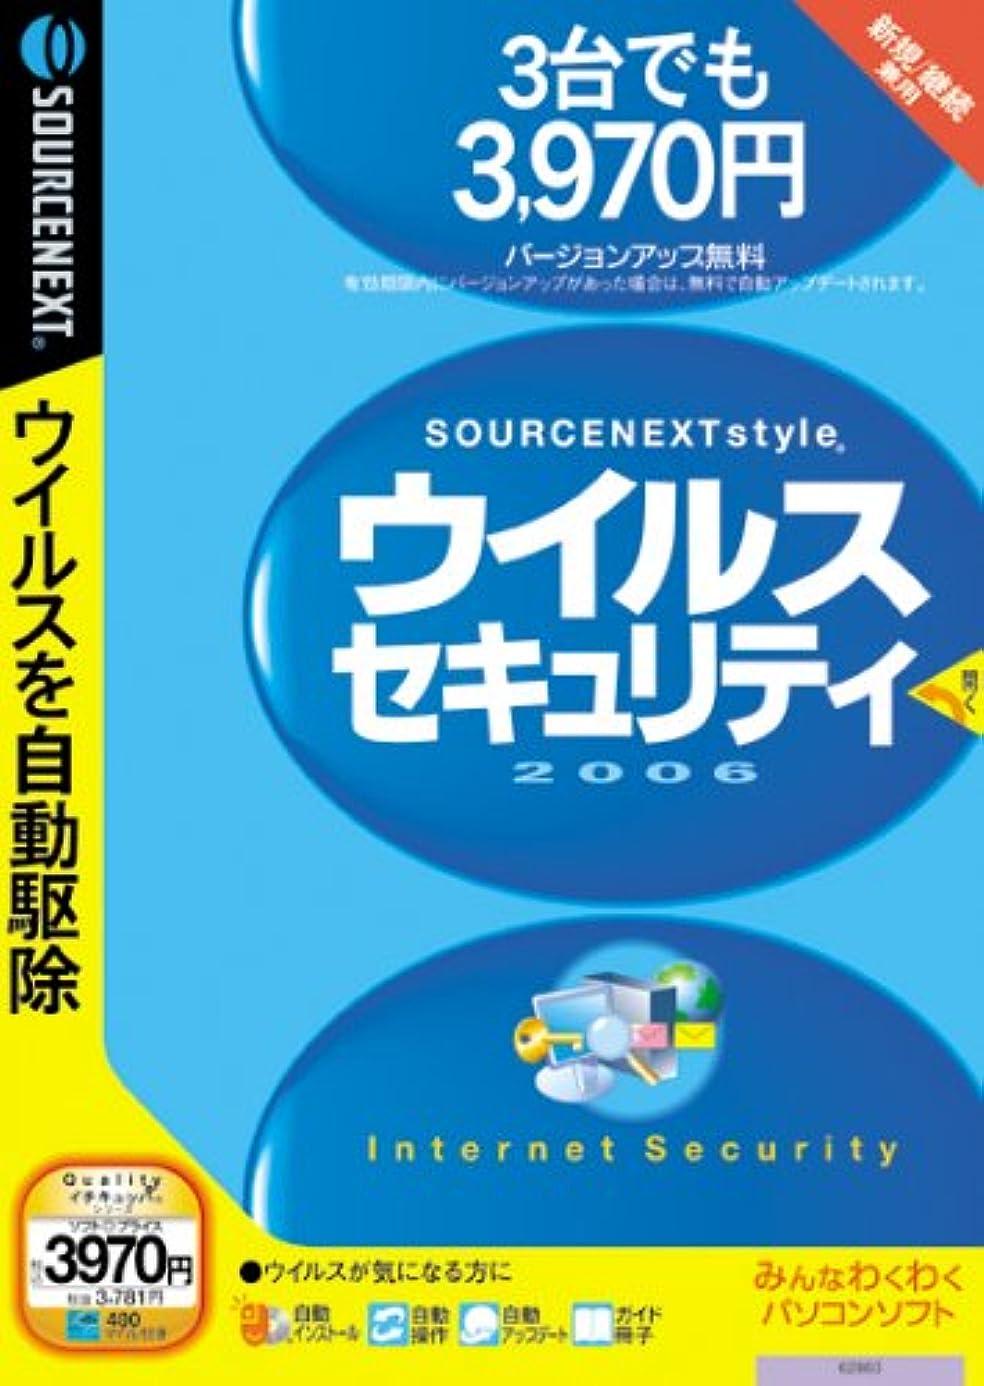 それによって毒性モールス信号ウイルスセキュリティ 2006 3台用ファミリーパック (説明扉付きスリムパッケージ版)